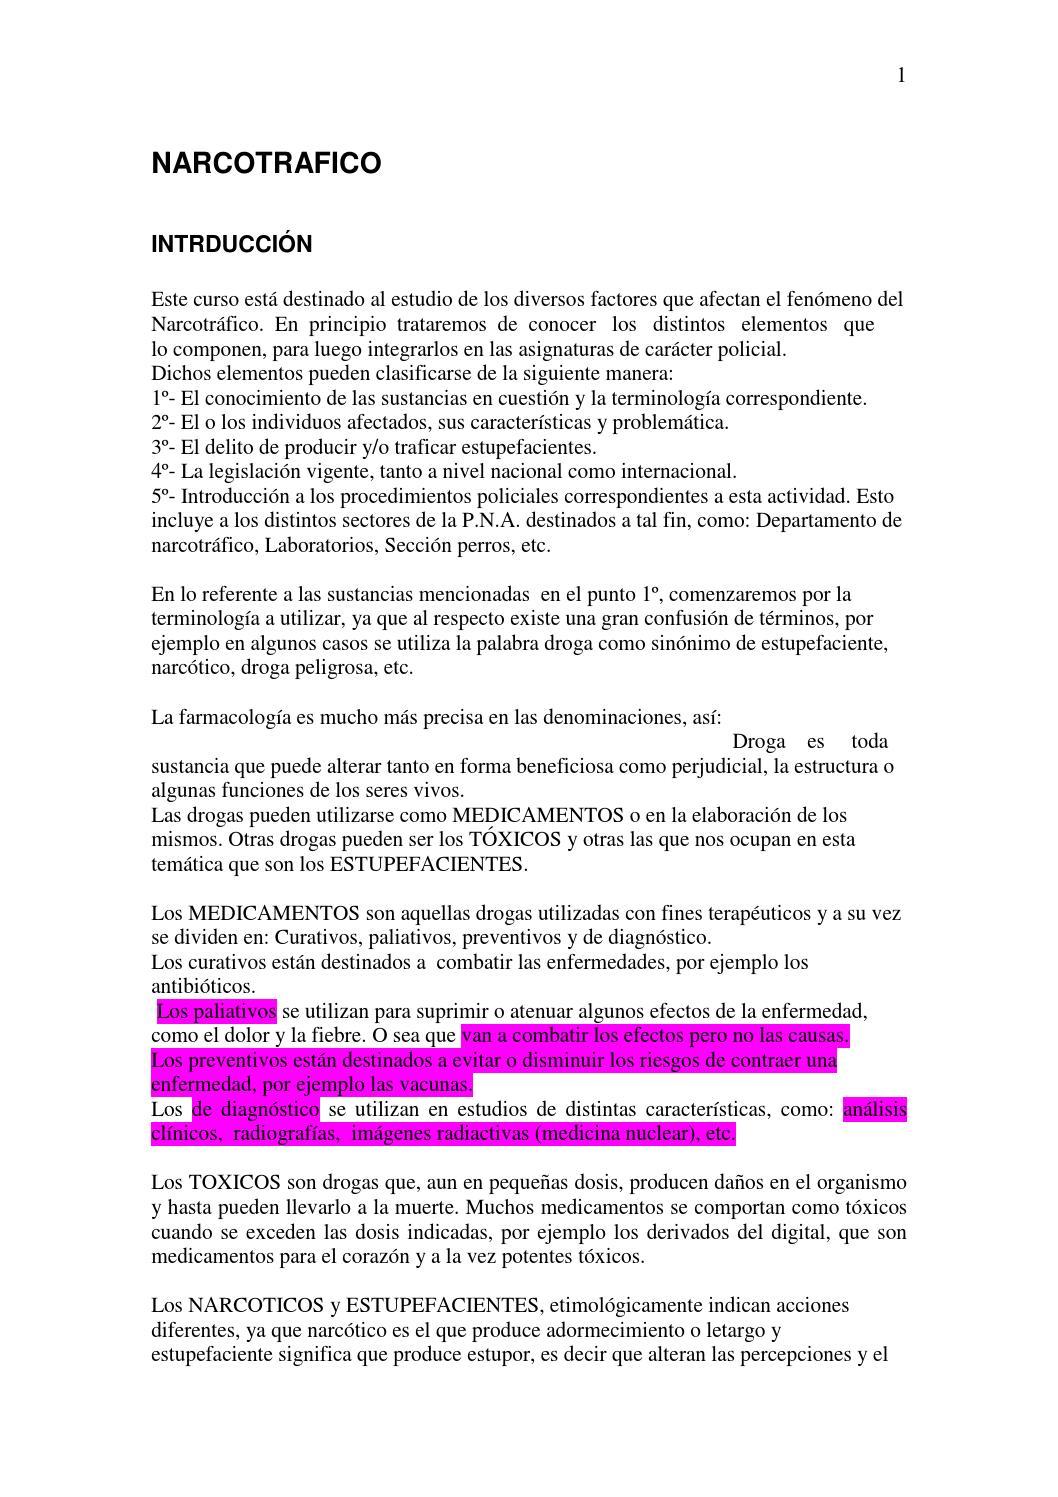 Narcotrafico by Gregorio Cabrera - issuu